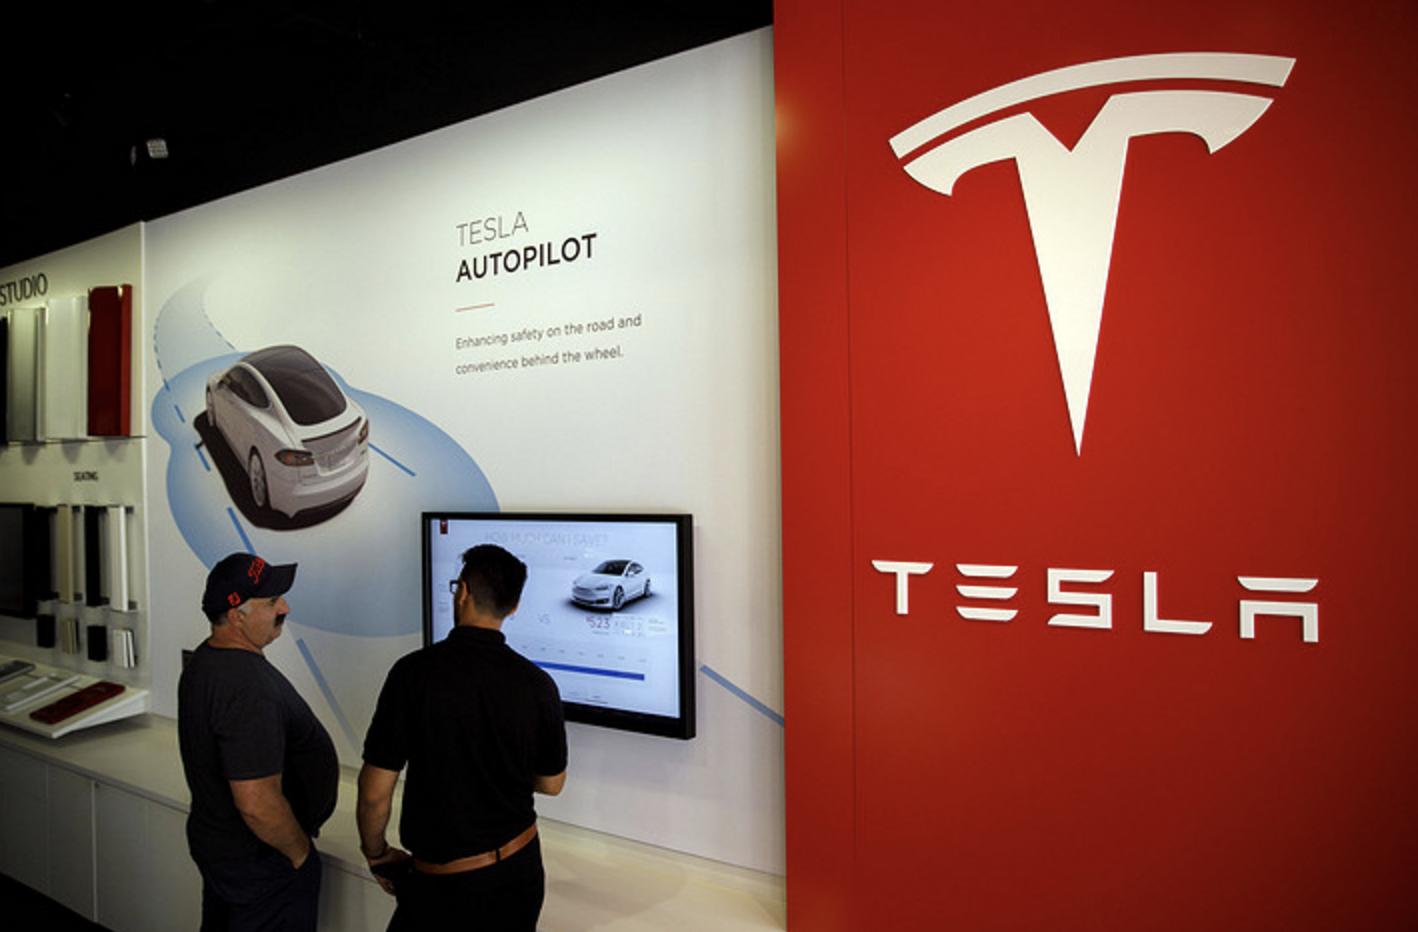 特斯拉Model 3总产量达9万辆 但周产量仍低于4000辆